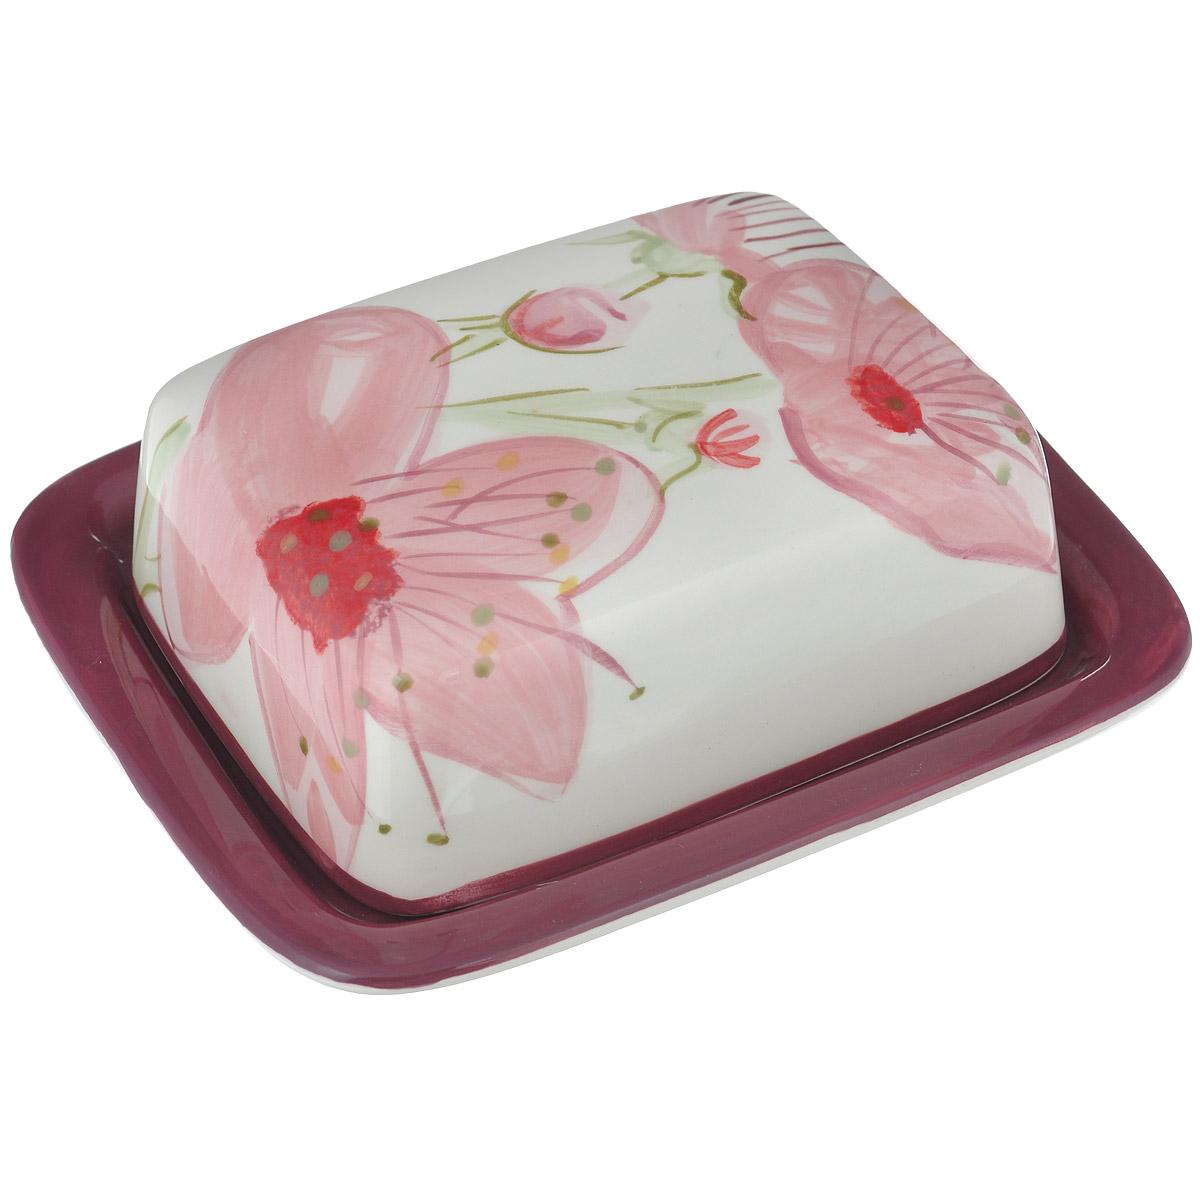 Масленка Вишня, 17,5 х 14,5 смВ62809АМасленка Вишня, выполненная из высококачественной керамики, предназначена для красивой сервировки и хранения масла. Она состоит из подноса и крышки, оформленных изображением цветков вишни. Поднос имеет специальные выемки, благодаря которым крышка легко на него устанавливается. Масло в такой масленке долго остается свежим, а при хранении в холодильнике не впитывает посторонние запахи. Масленка Вишня станет незаменимой на вашей кухне.Размер подноса: 20 см х 12 см.Размер крышки: 13,8 см х 11 см х 4,5 см.